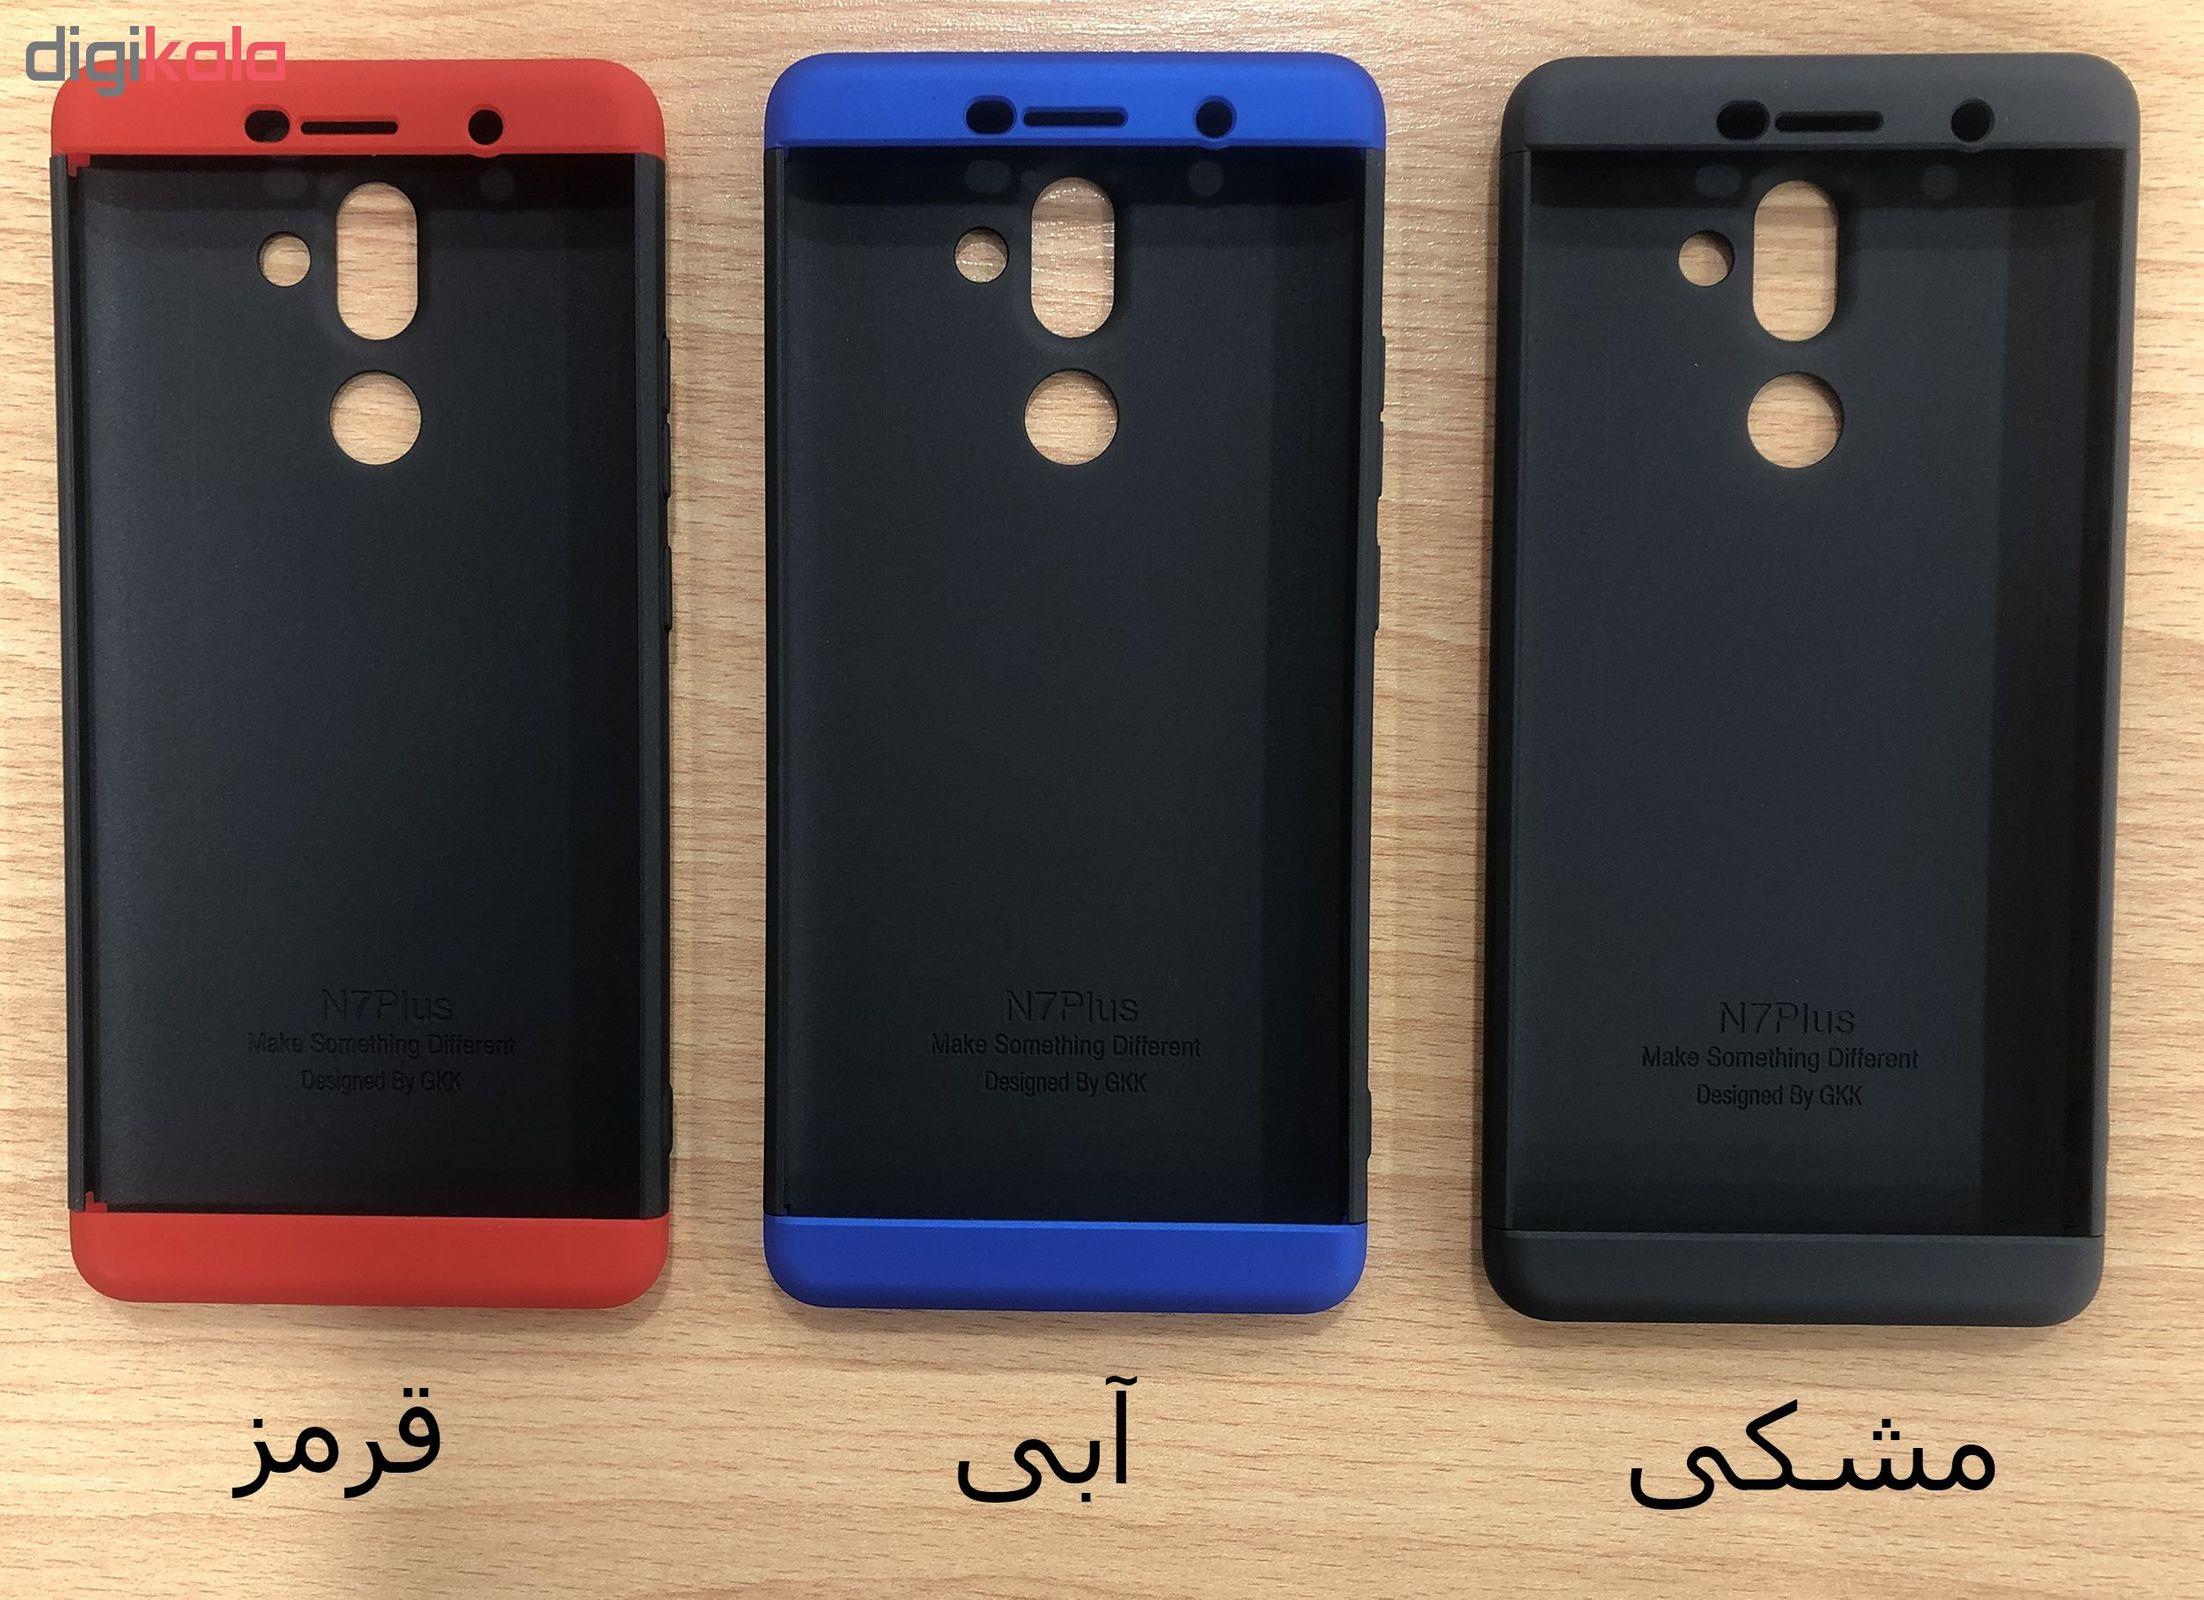 کاور 360 درجه جی کی کی مدل GK-006 مناسب برای گوشی موبایل نوکیا 7 Plus